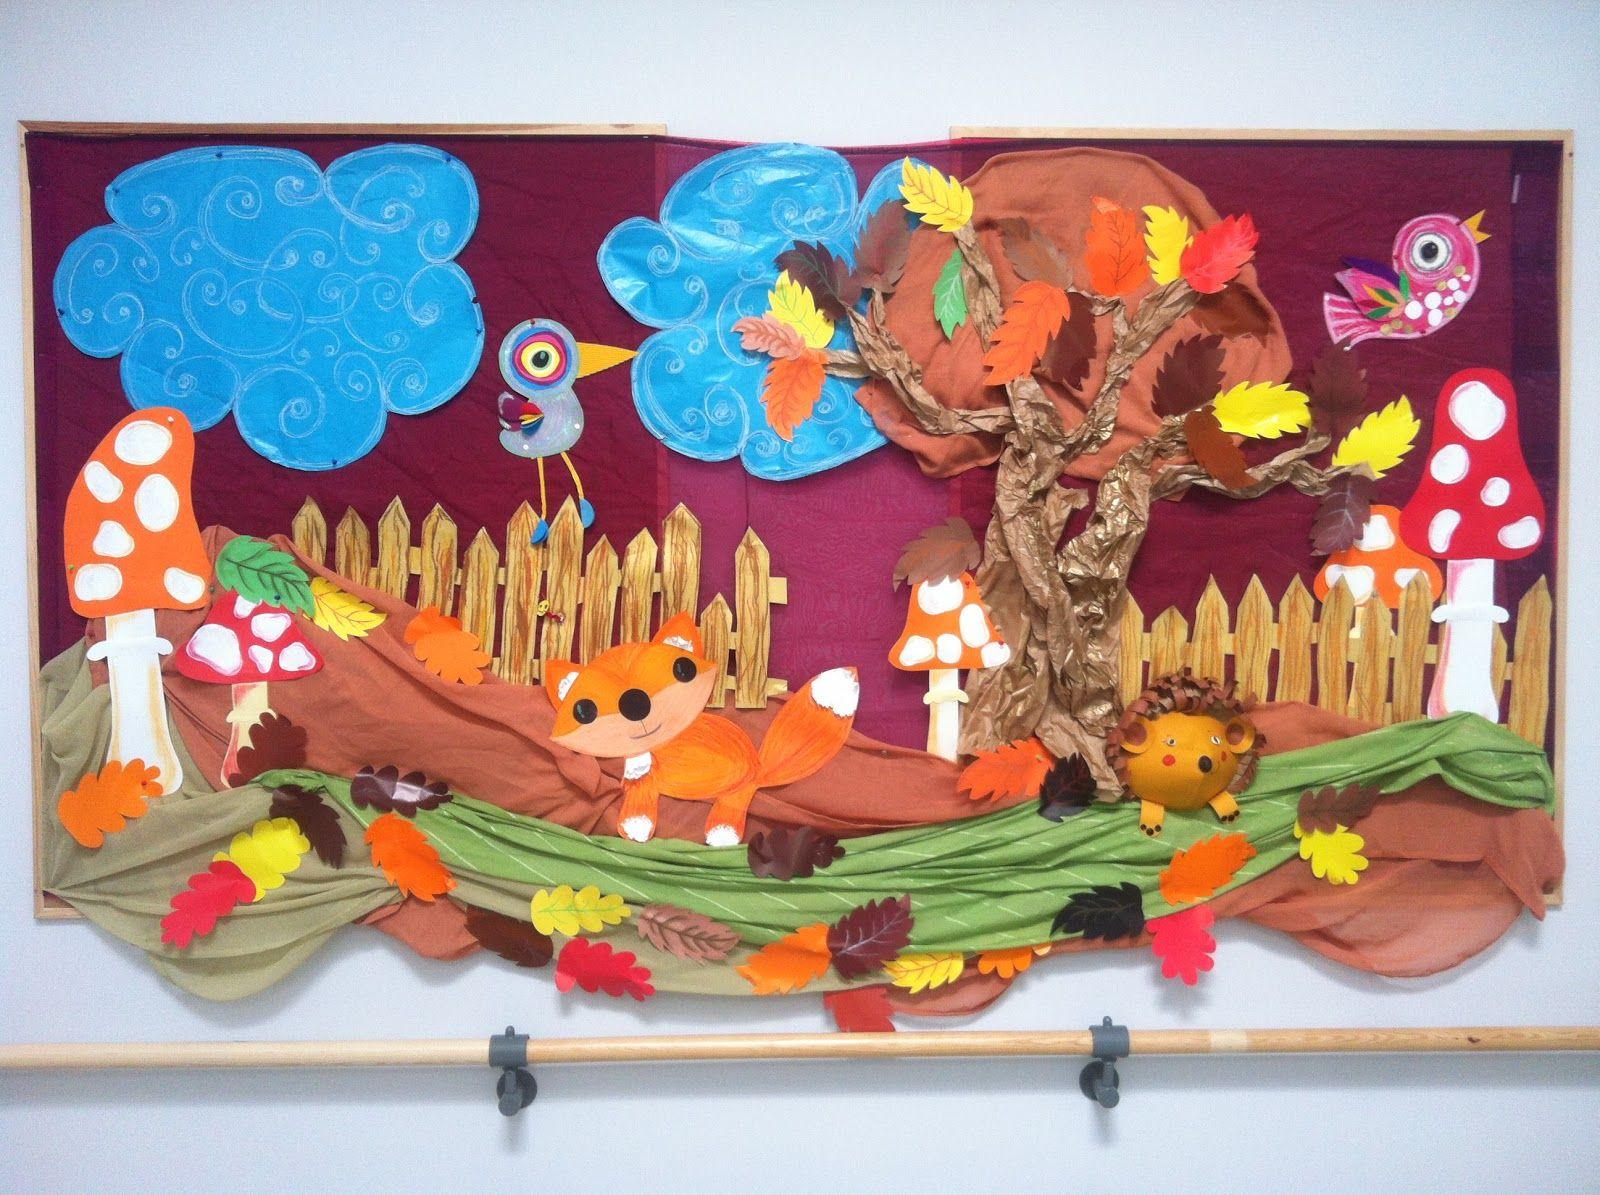 Dekoracja jesien przedszkole pinterest oto o for Decoracion otono infantil